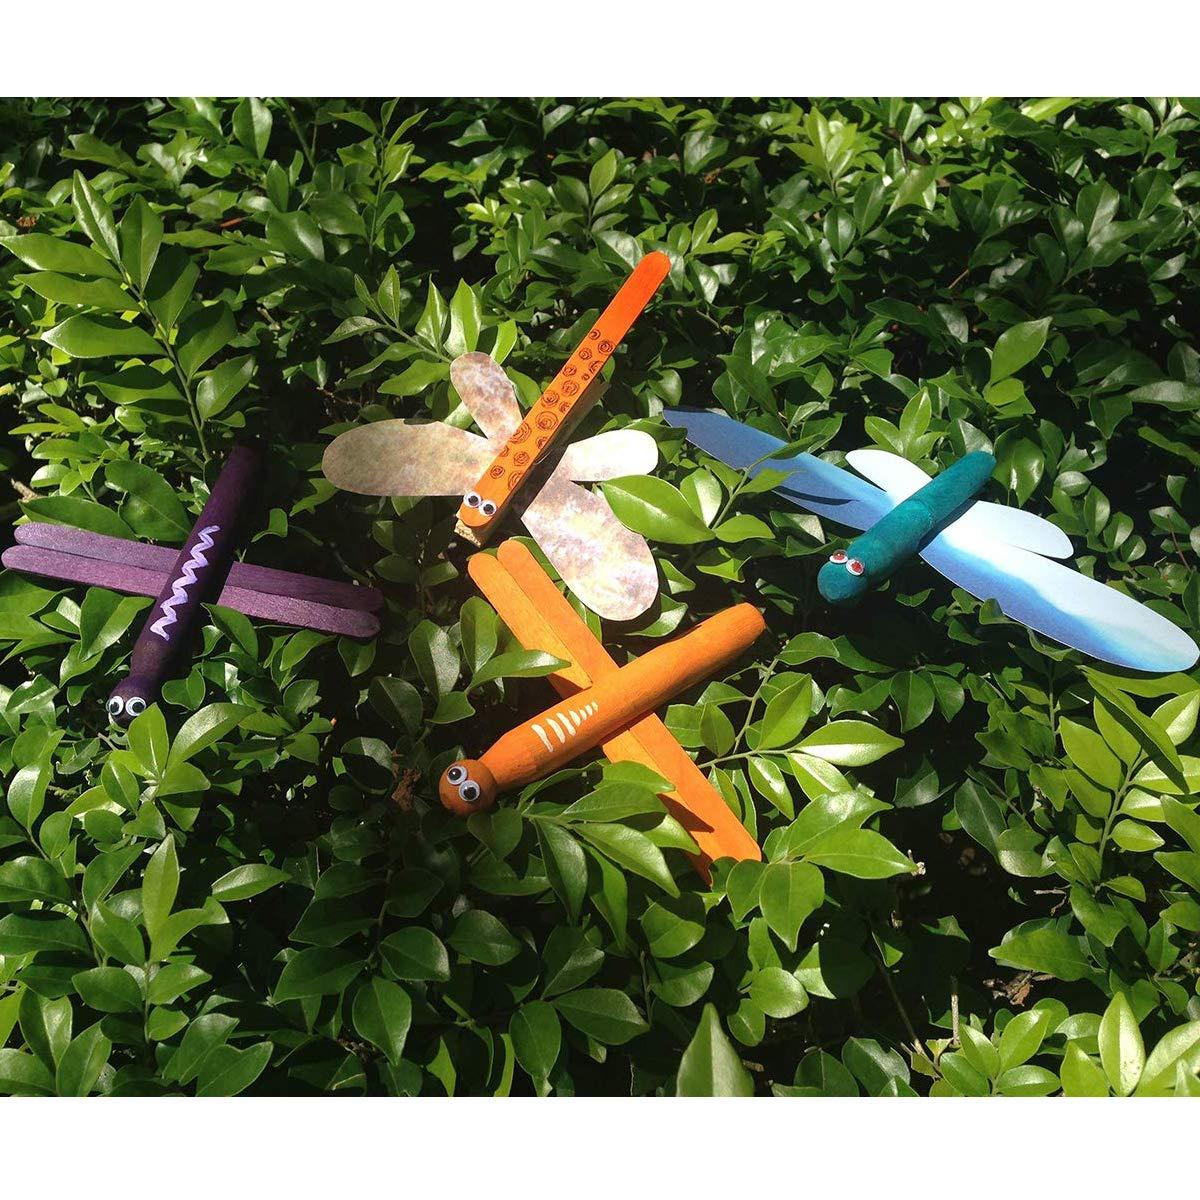 Plastica Wobbly Occhi Wiggle Adesivi per Pupazzi DIY Scrapbooking Artigianato Accessori Giocattolo Circa 1100 pz Assortite Taglie Googly Occhi Autoadesive 5-25mm OOTSR